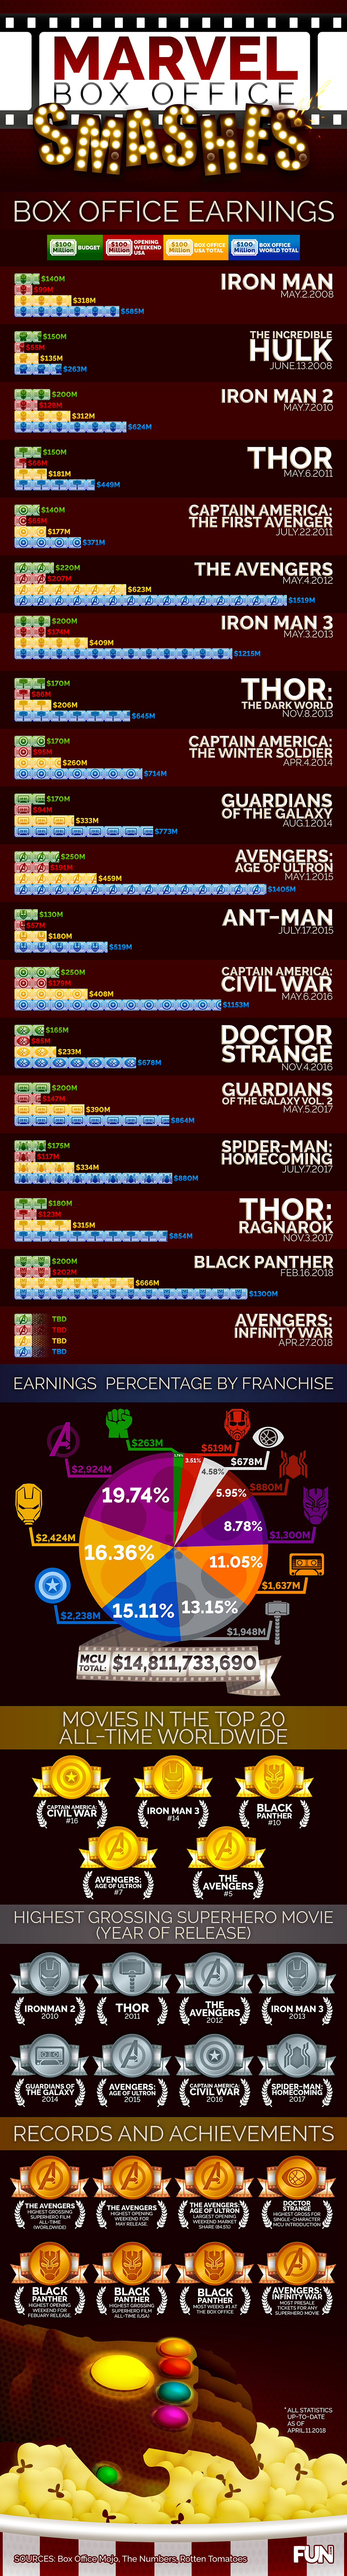 Marvel Box Office Smashes